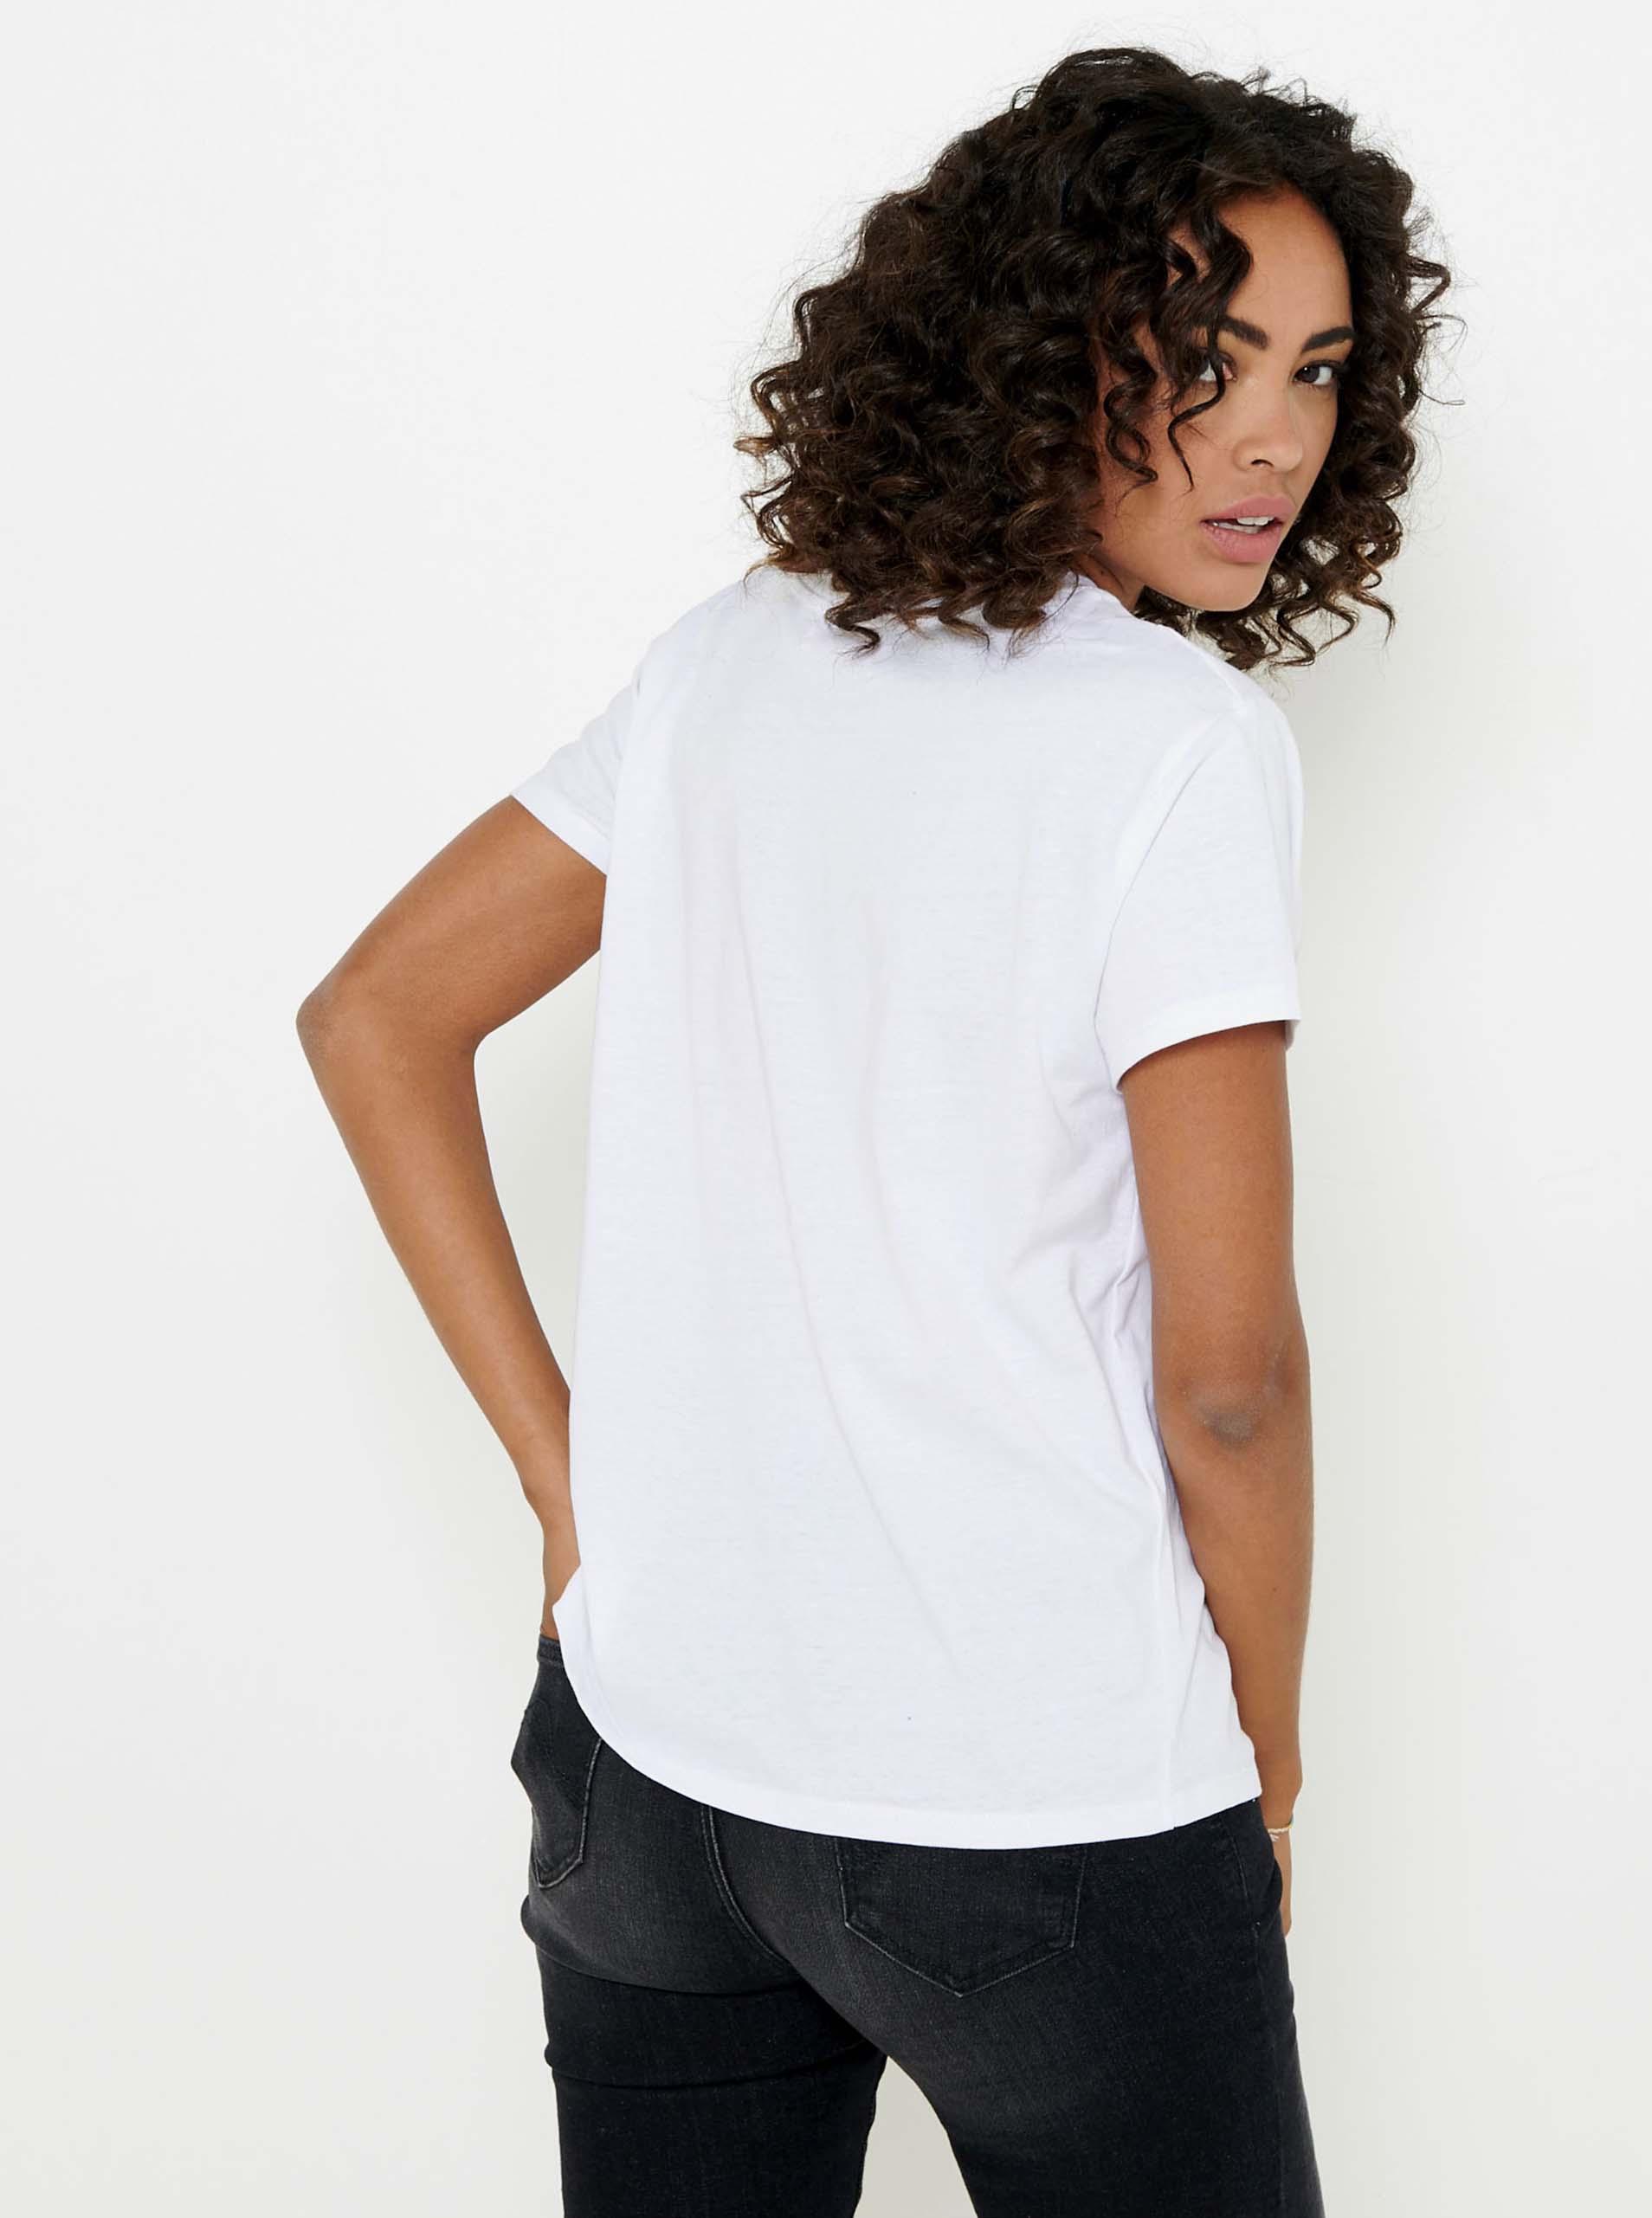 CAMAIEU Women's t-shirt white